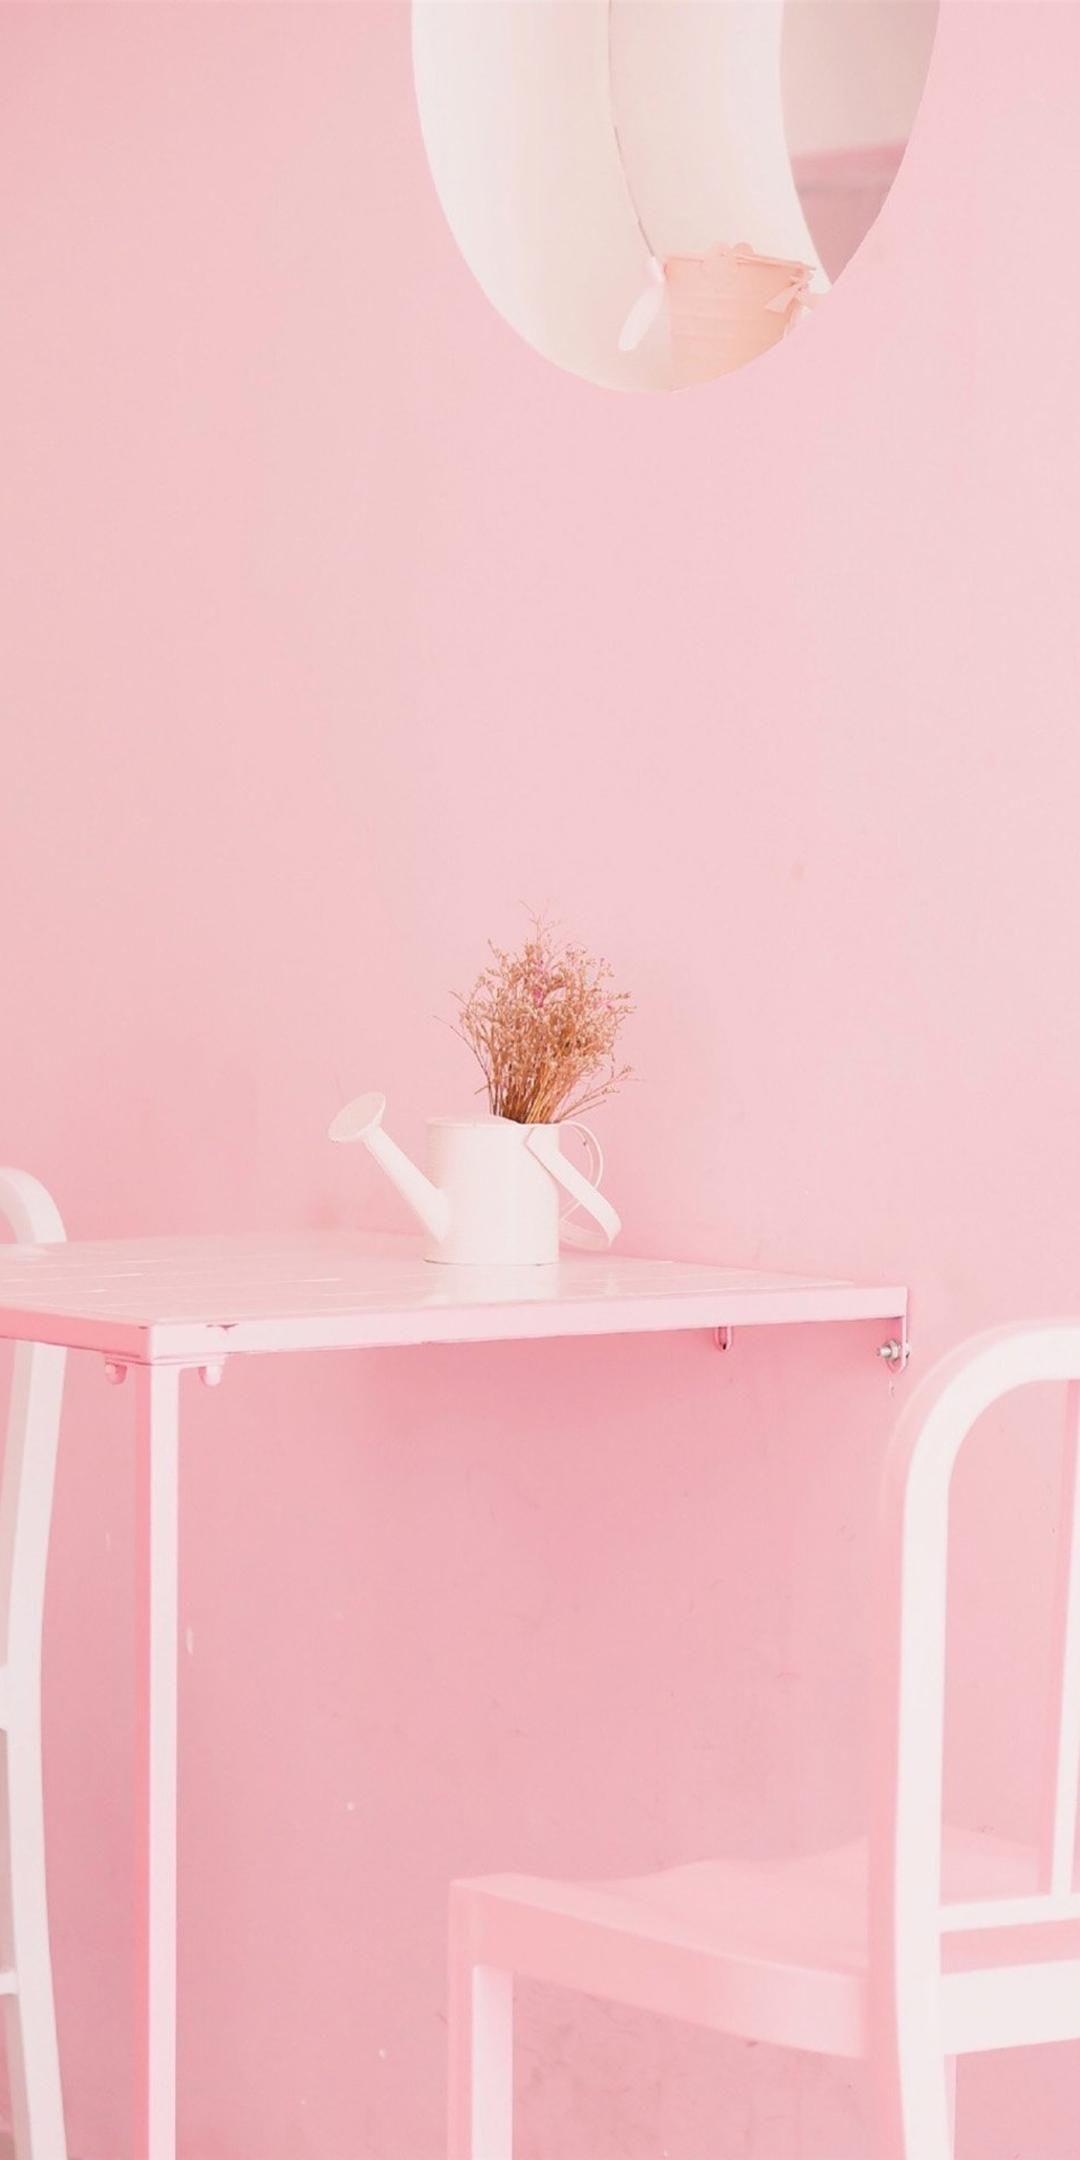 粉色系少女心手机壁纸插图57